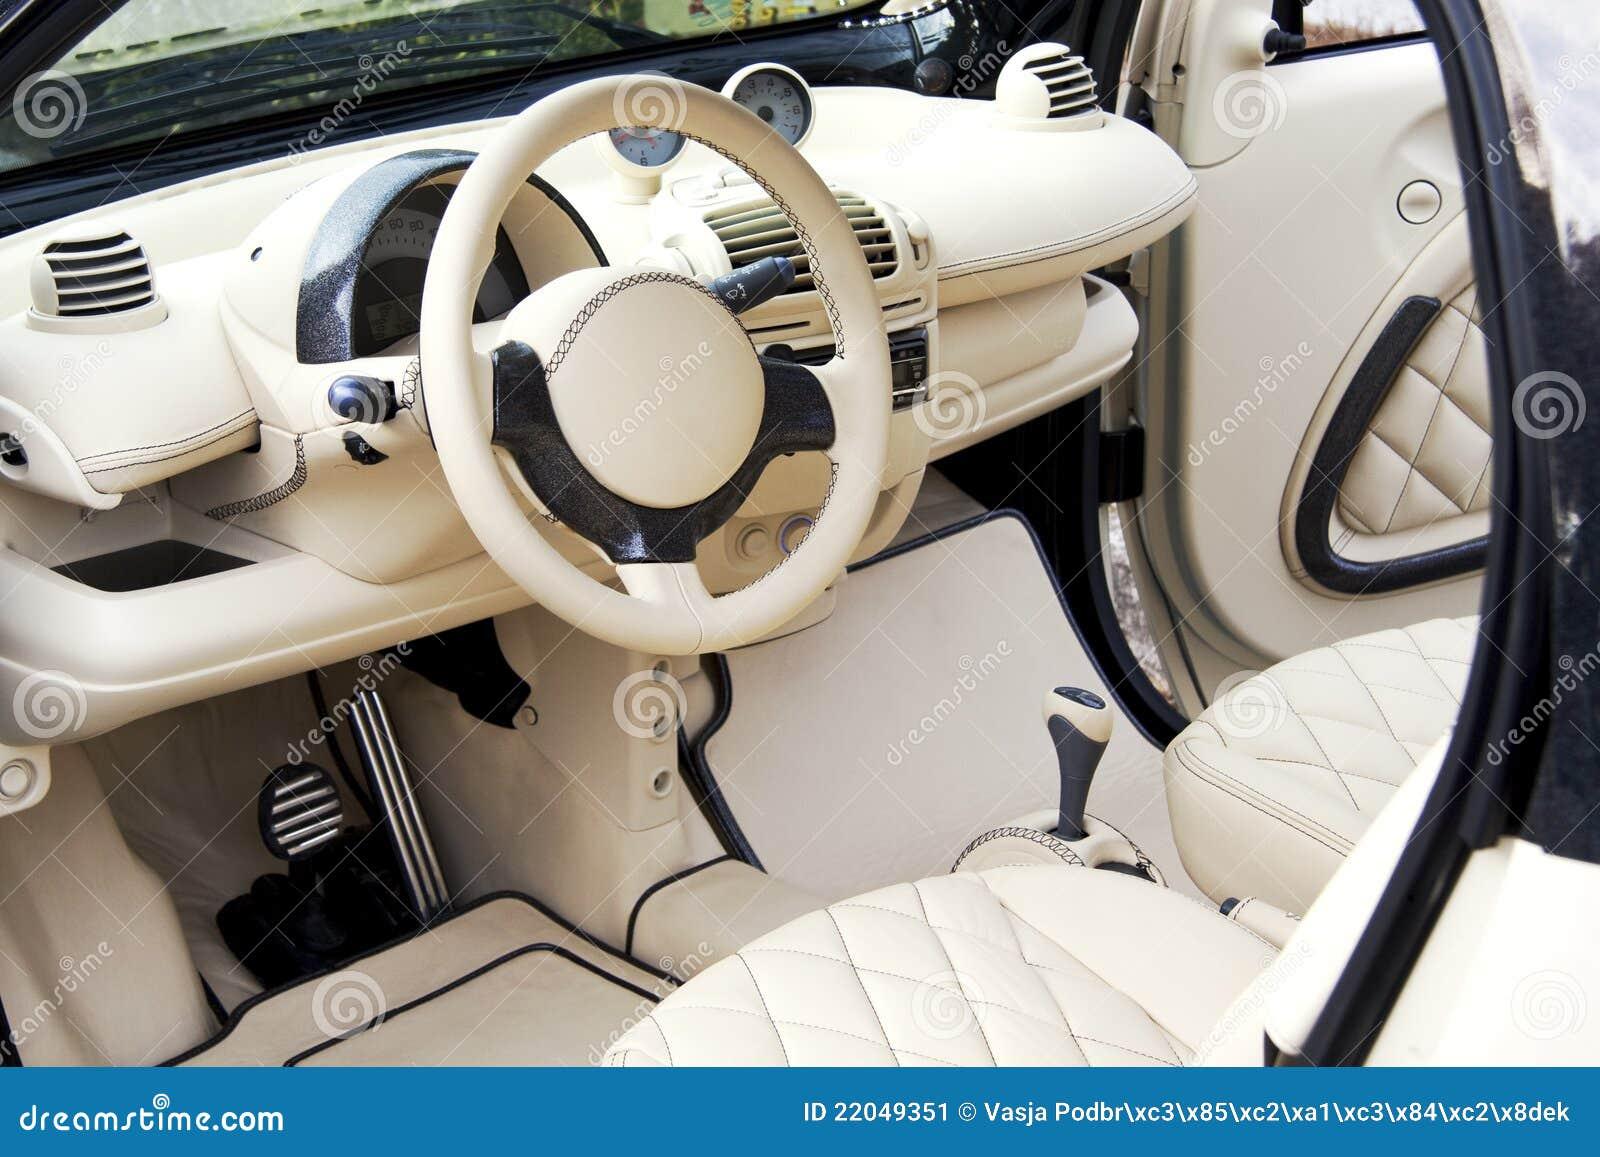 car interior stock image image 22049351. Black Bedroom Furniture Sets. Home Design Ideas